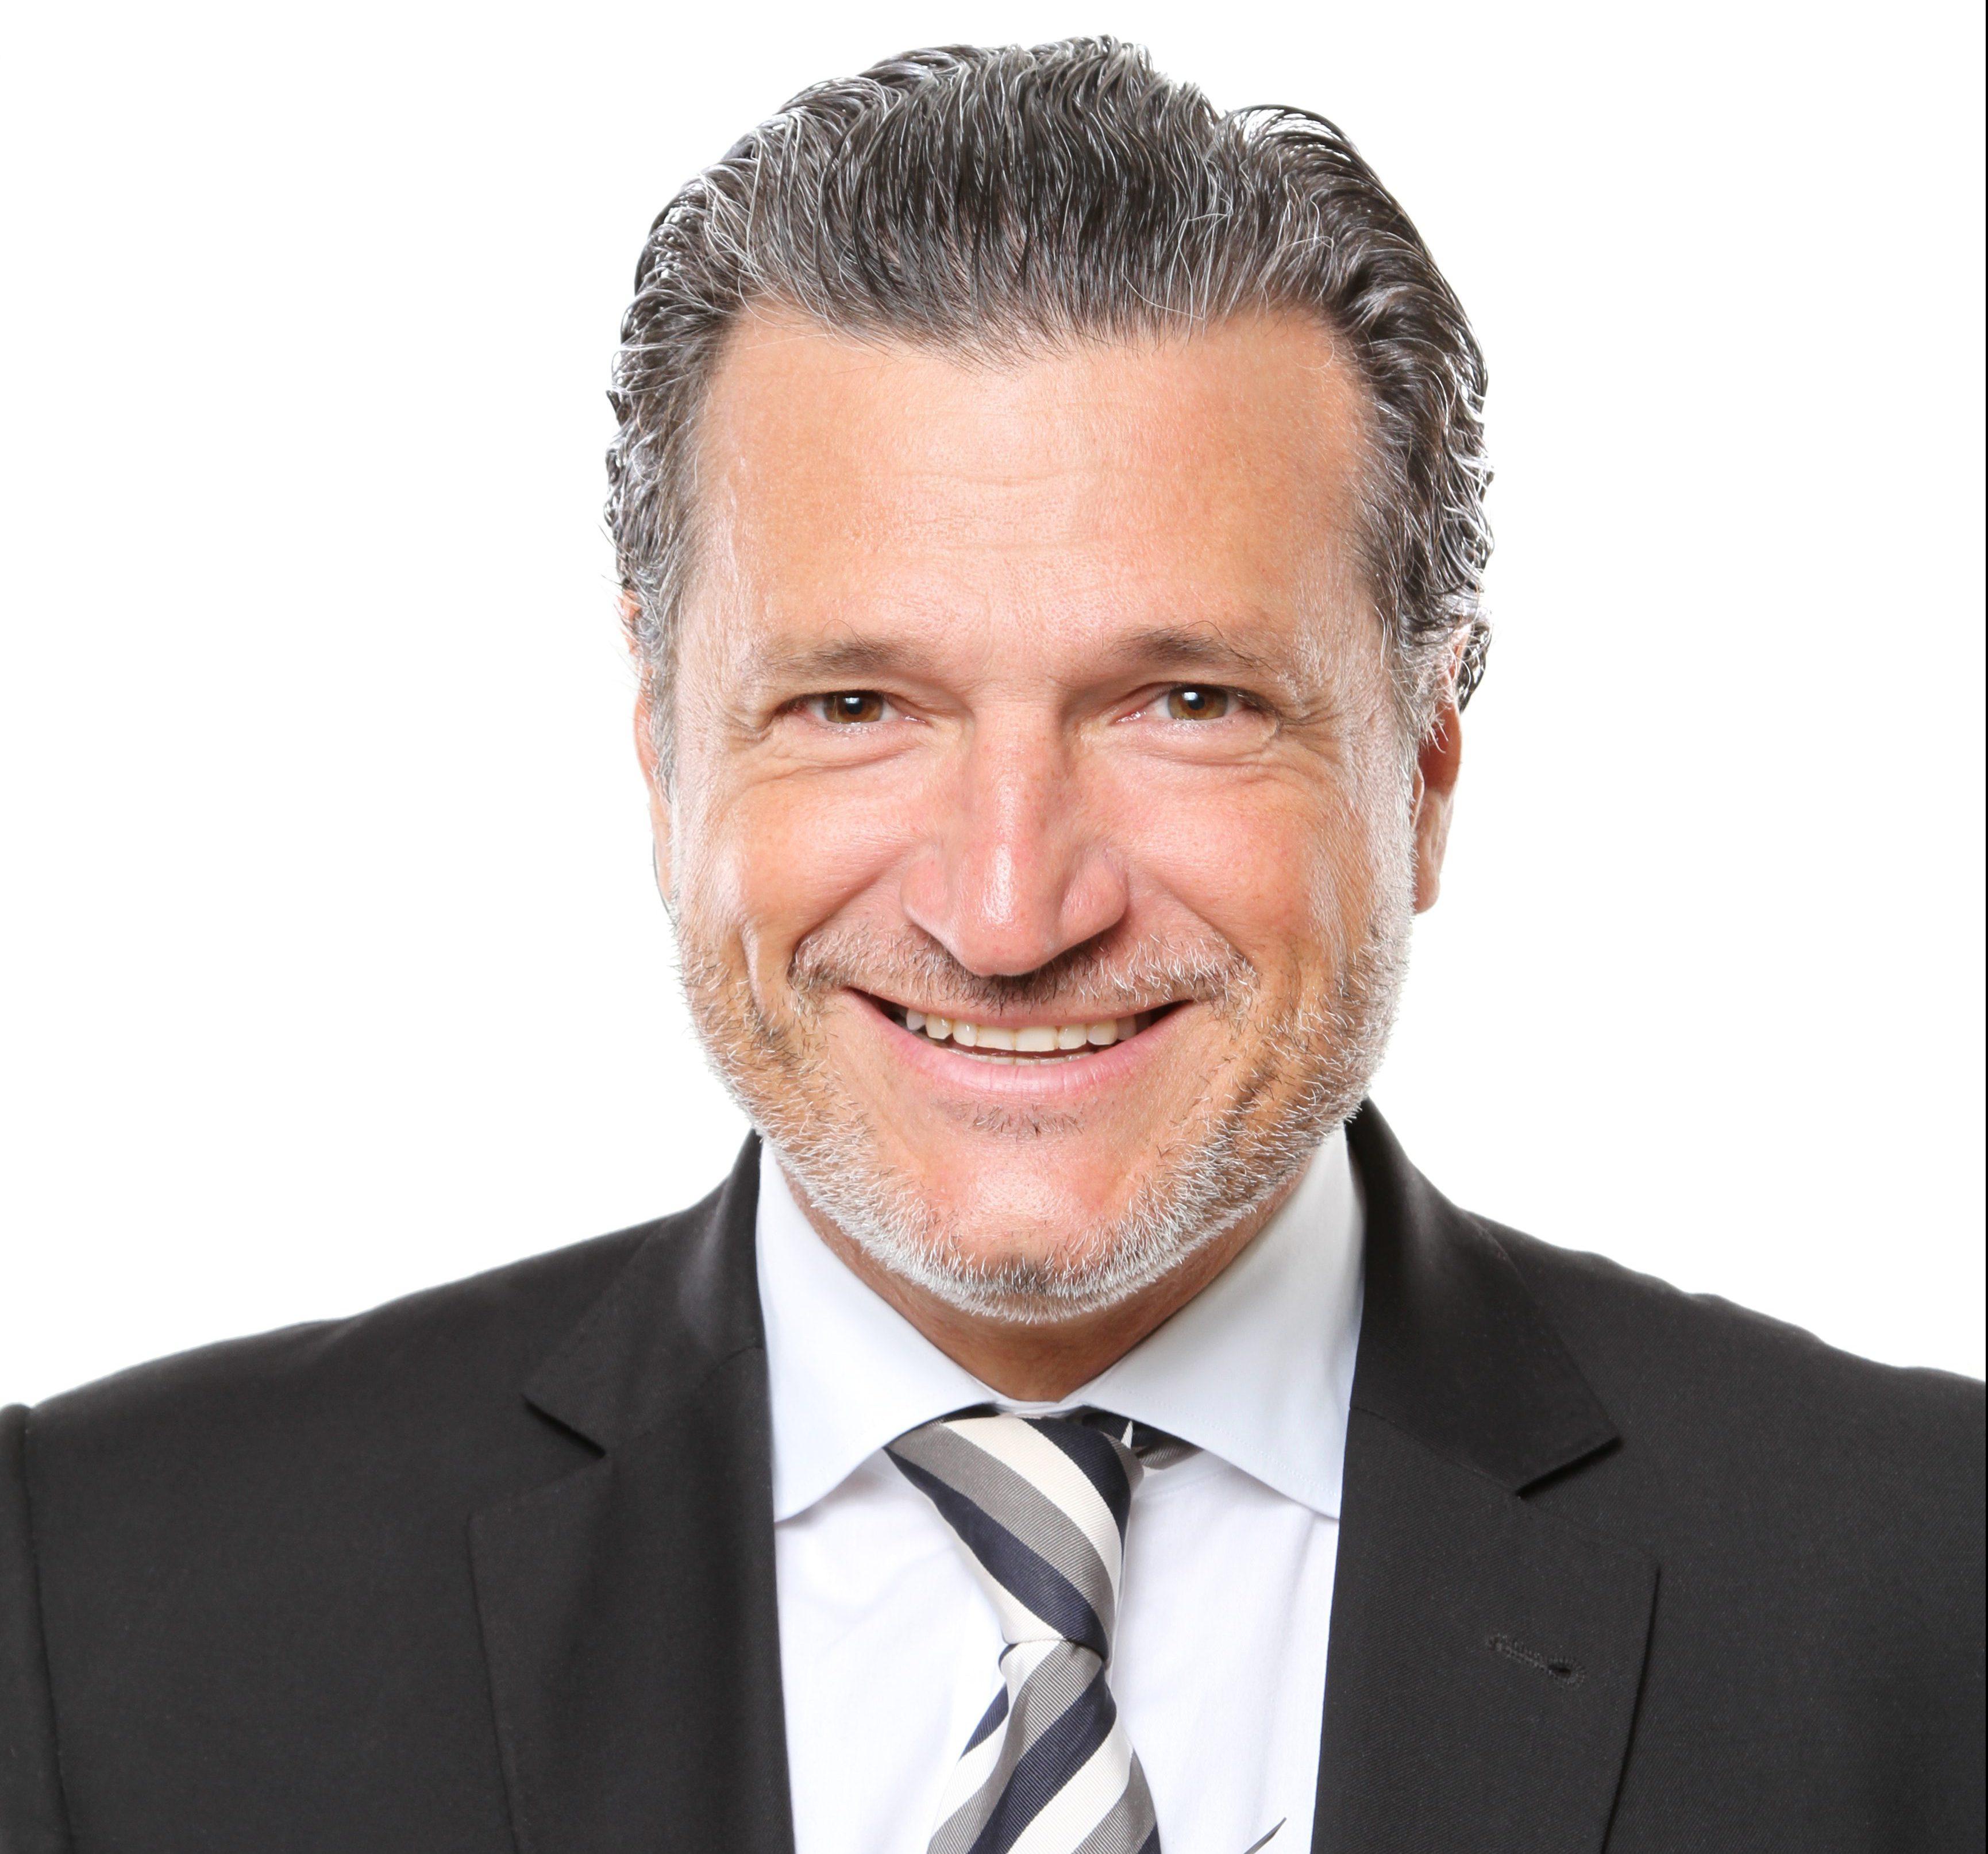 Der beste Concierge der Welt: Raffaele Sorrentino